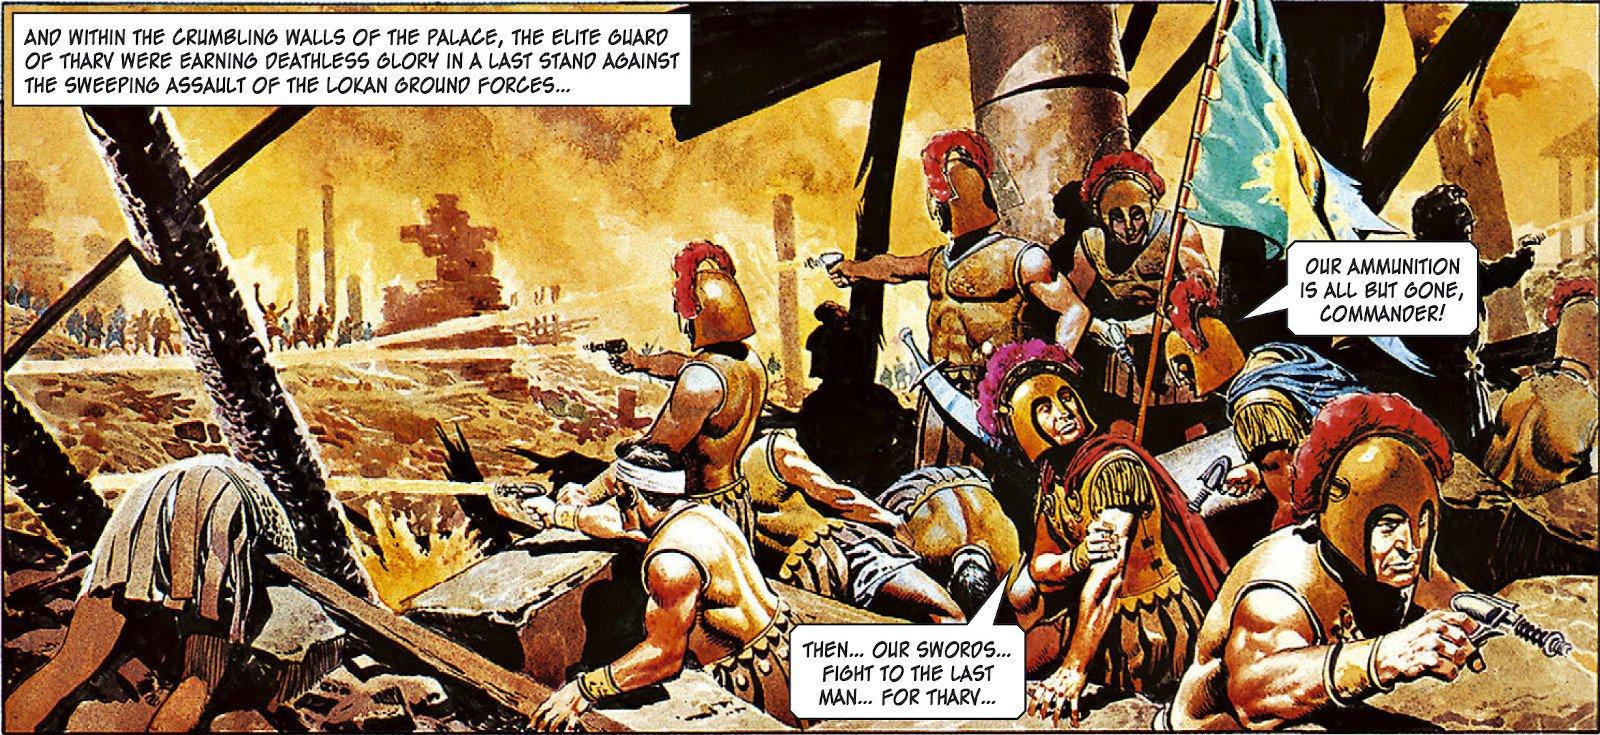 Batalla contra los Lokans